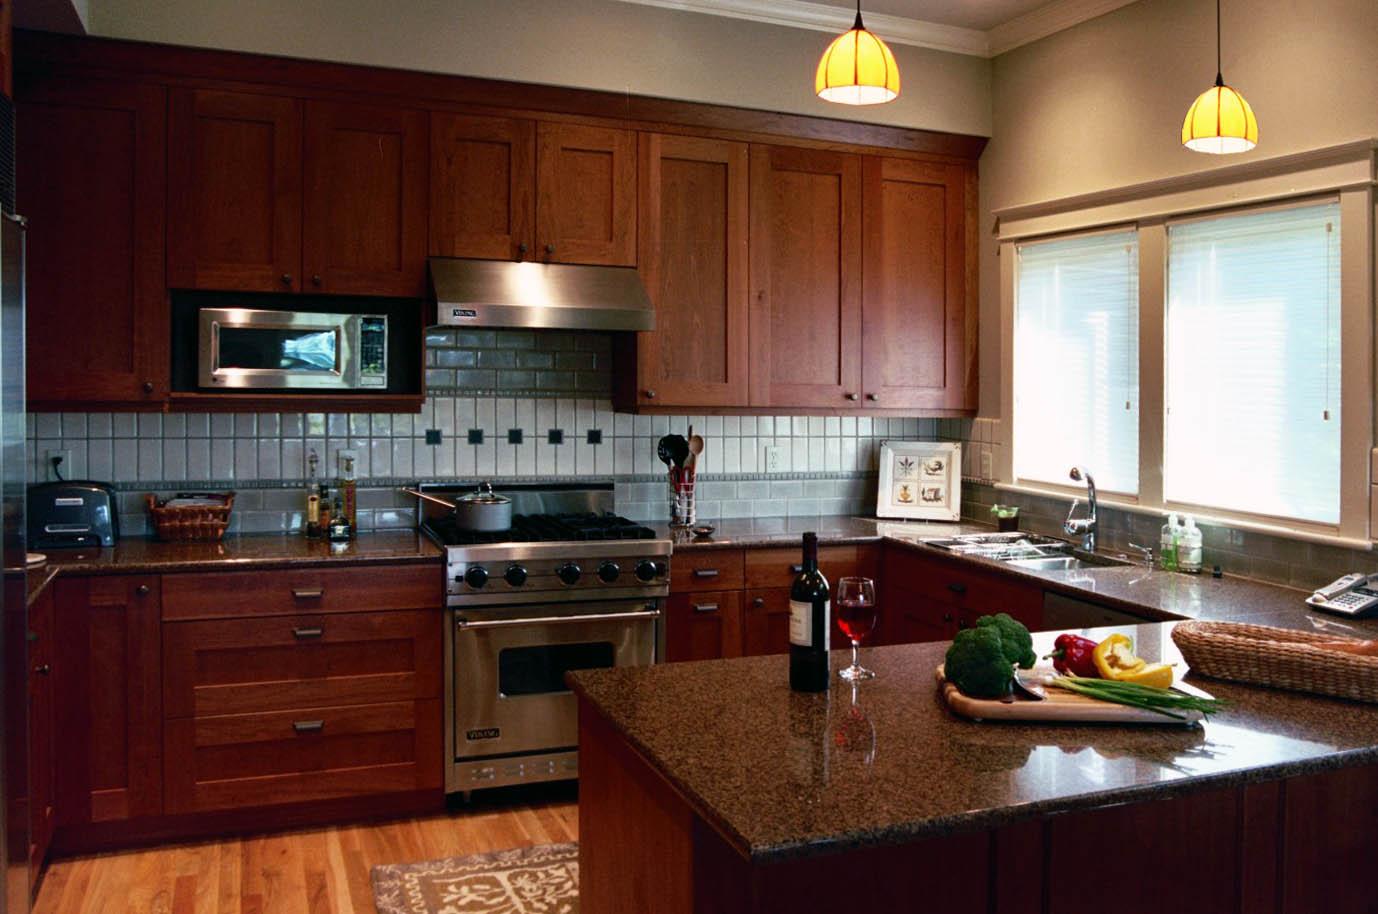 kitchen2copy.jpg